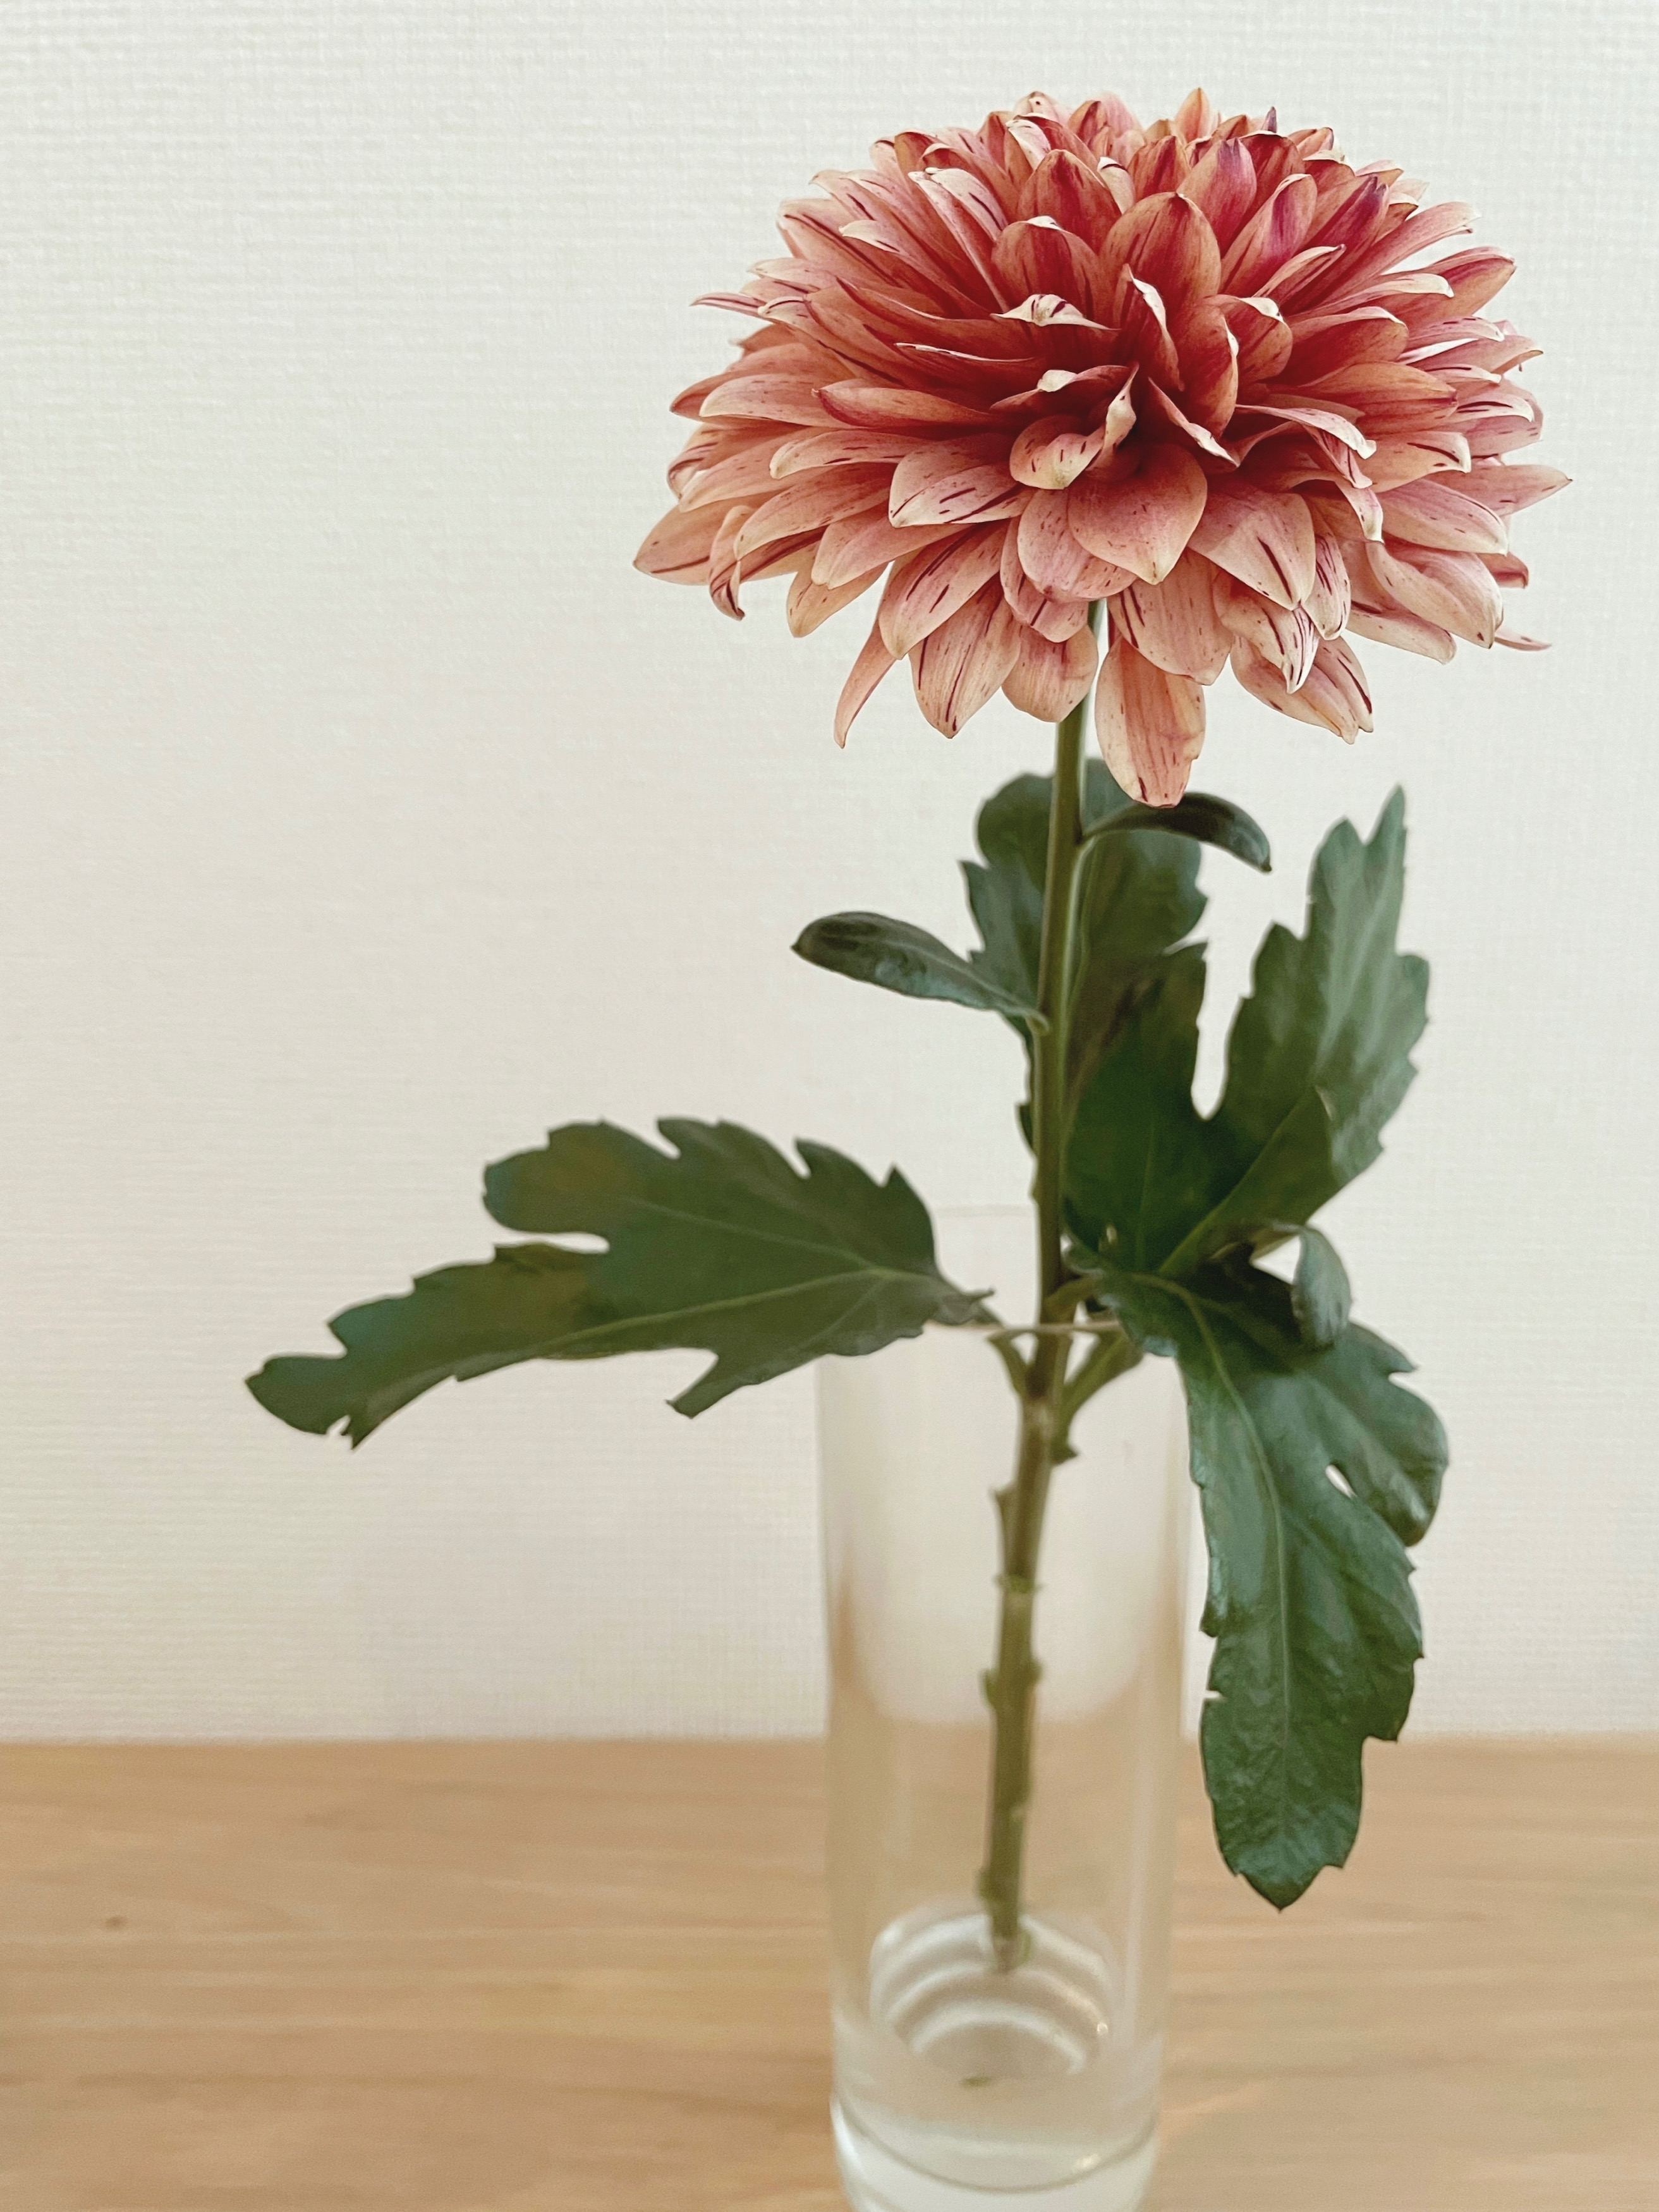 【おうち時間】お部屋に花を取り入れて癒し空間に♡_1